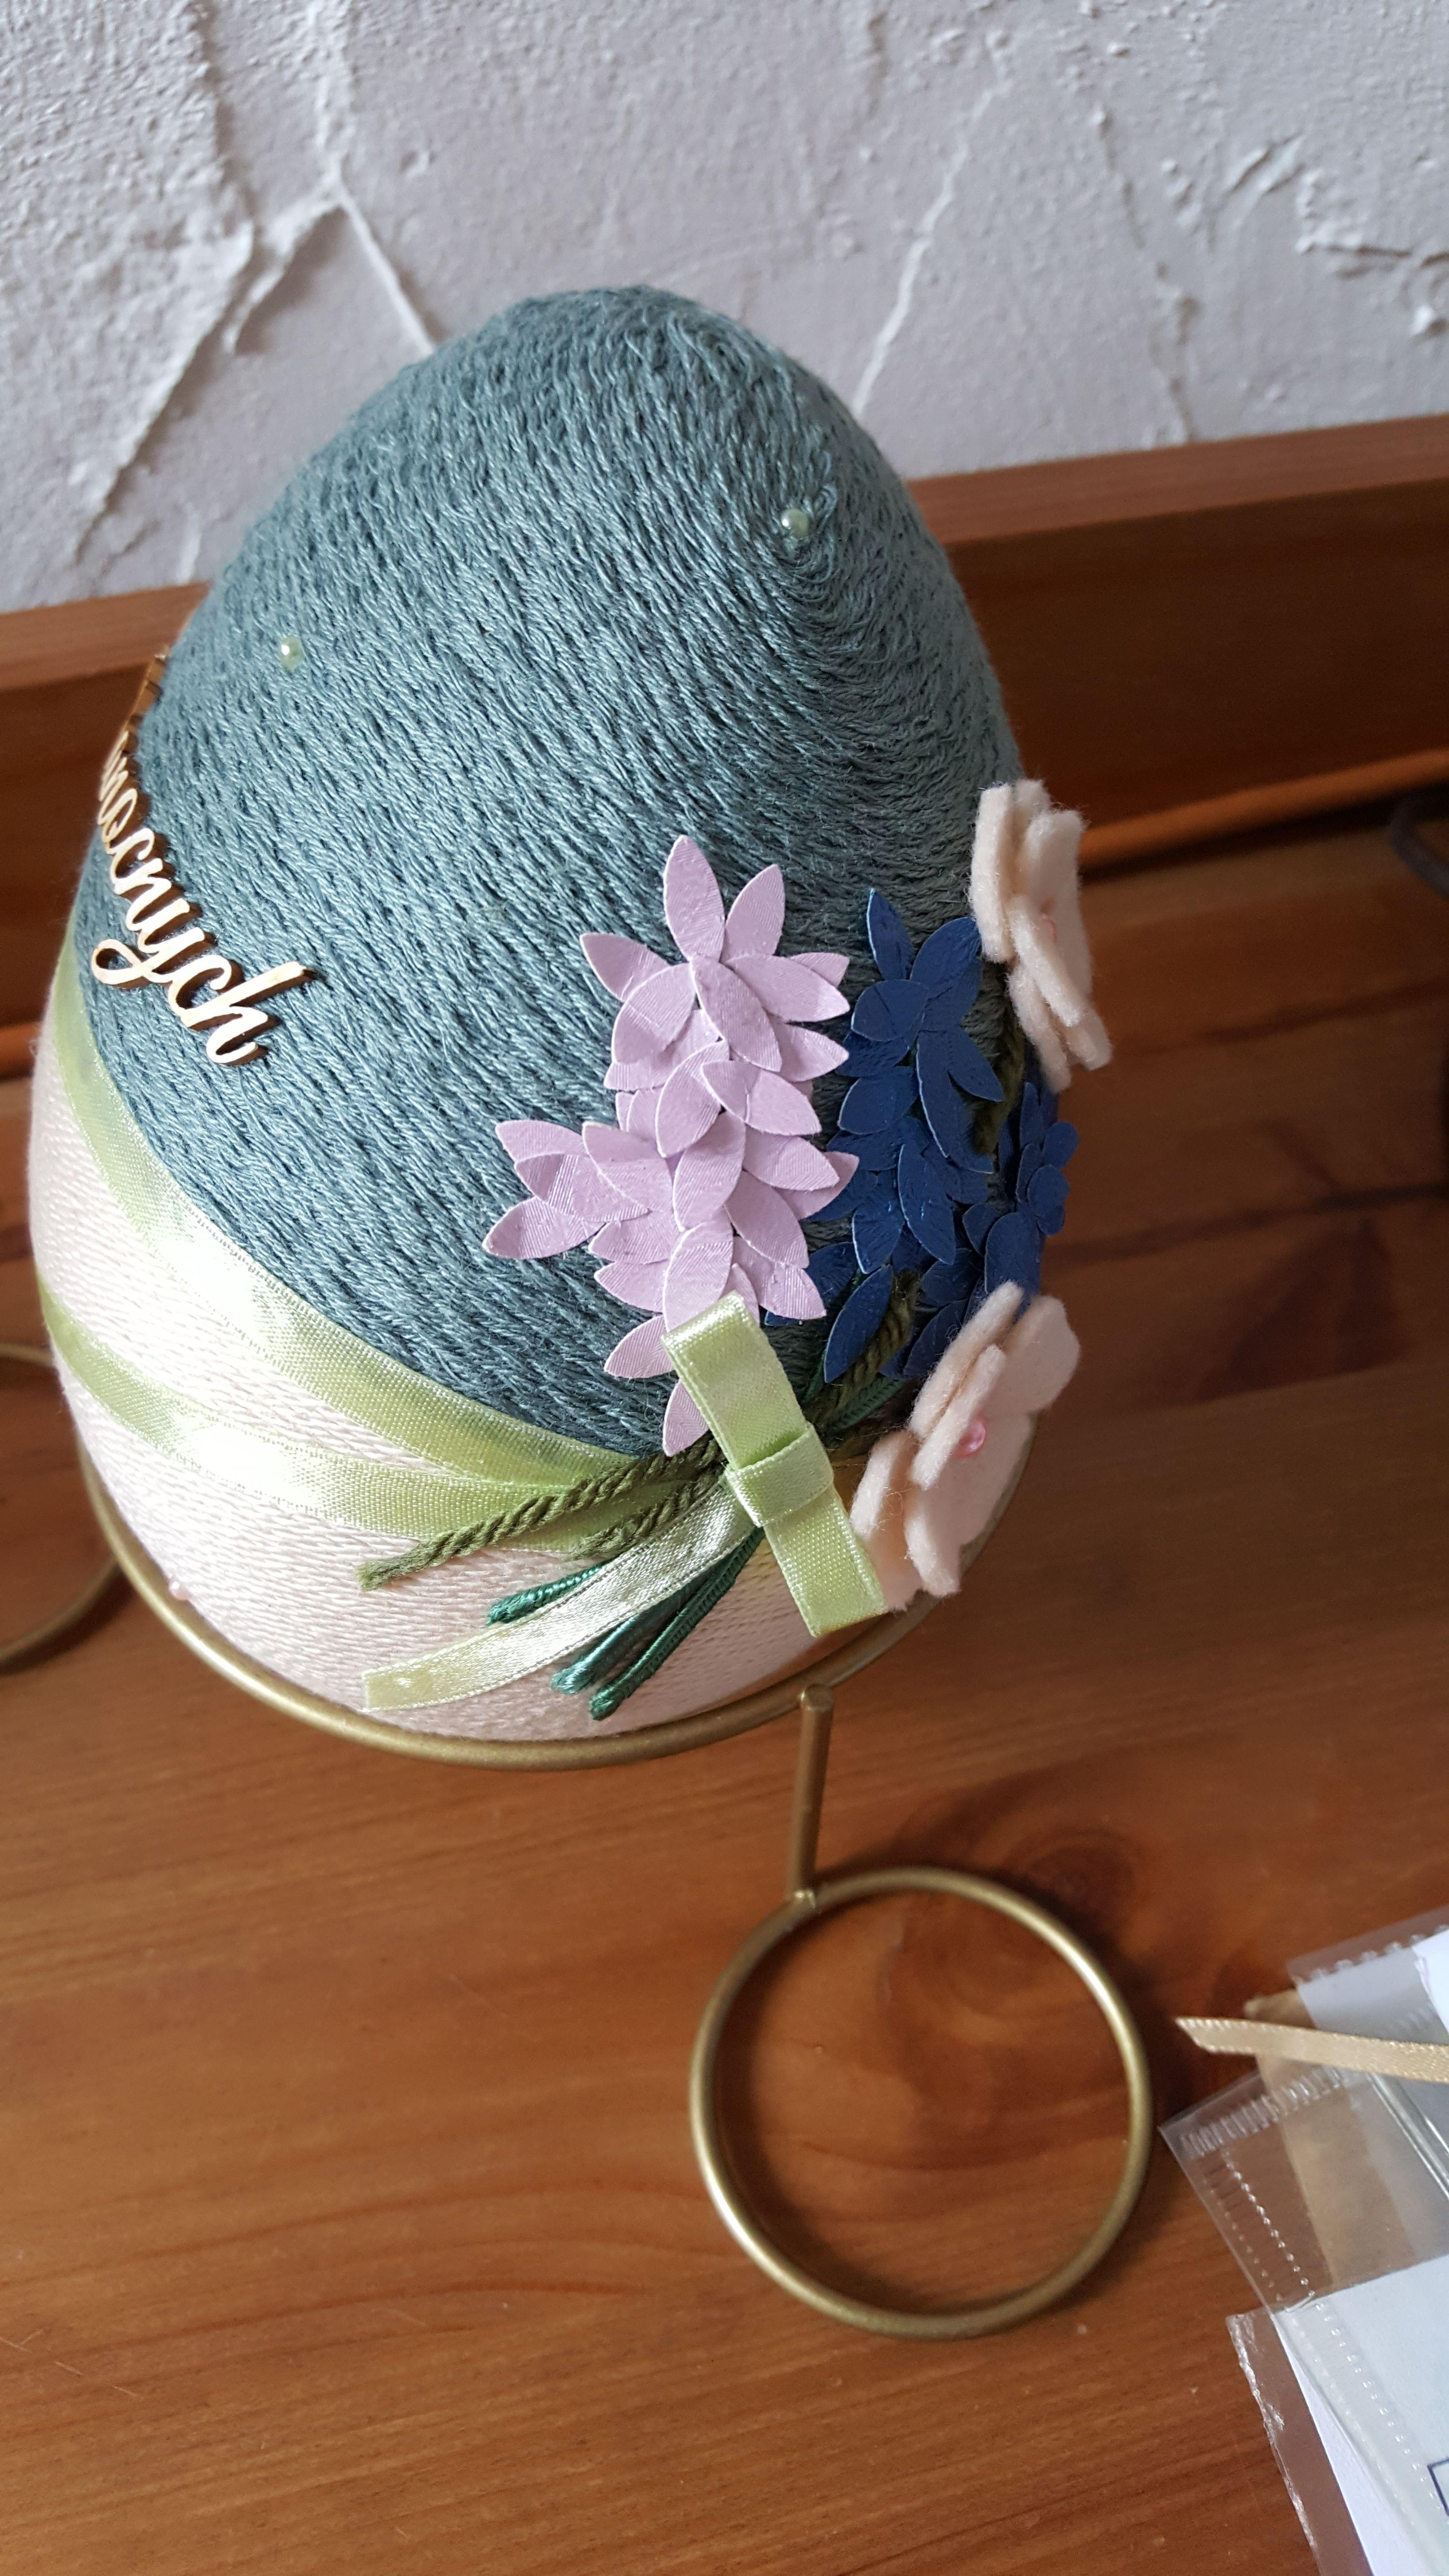 Wielkanocne Dekoracje Styropianowe Jajo Wloczka Karton Pianka Kreatywna Wstazki I Filc Marzec 2017 Crochet Hats Crochet Hats